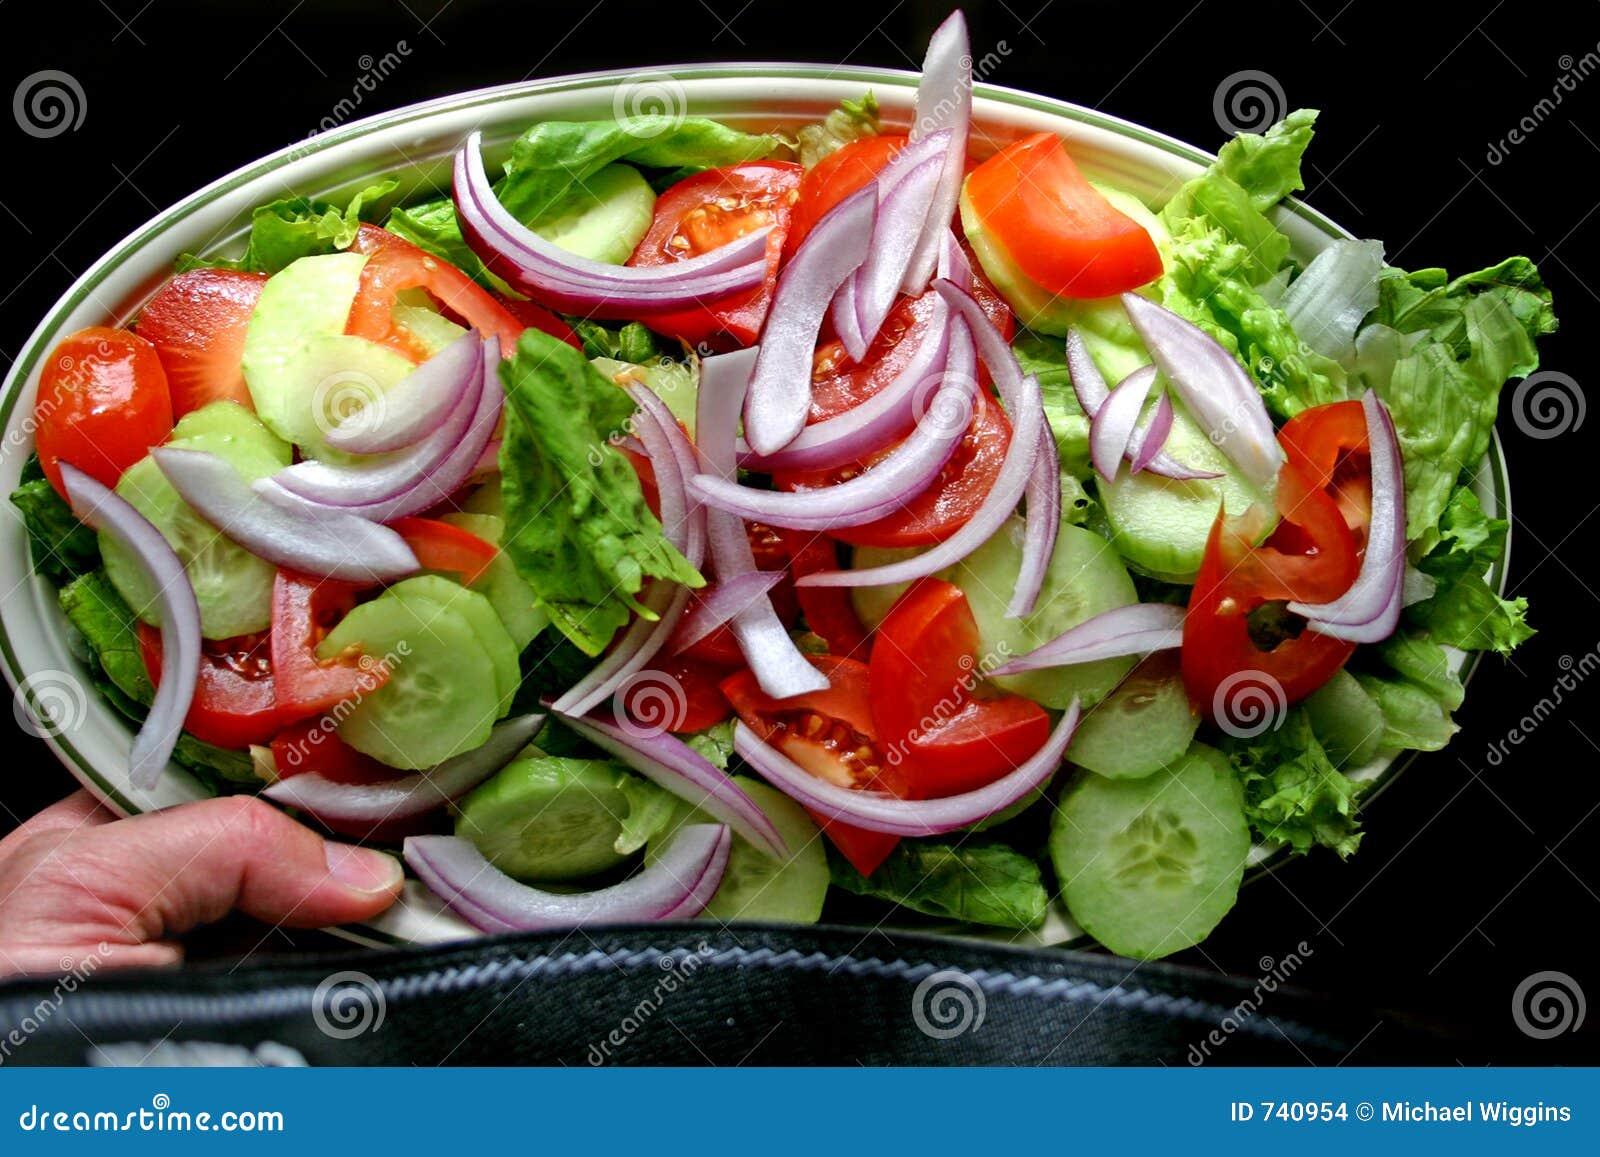 Plaque tenue dans la main de salade